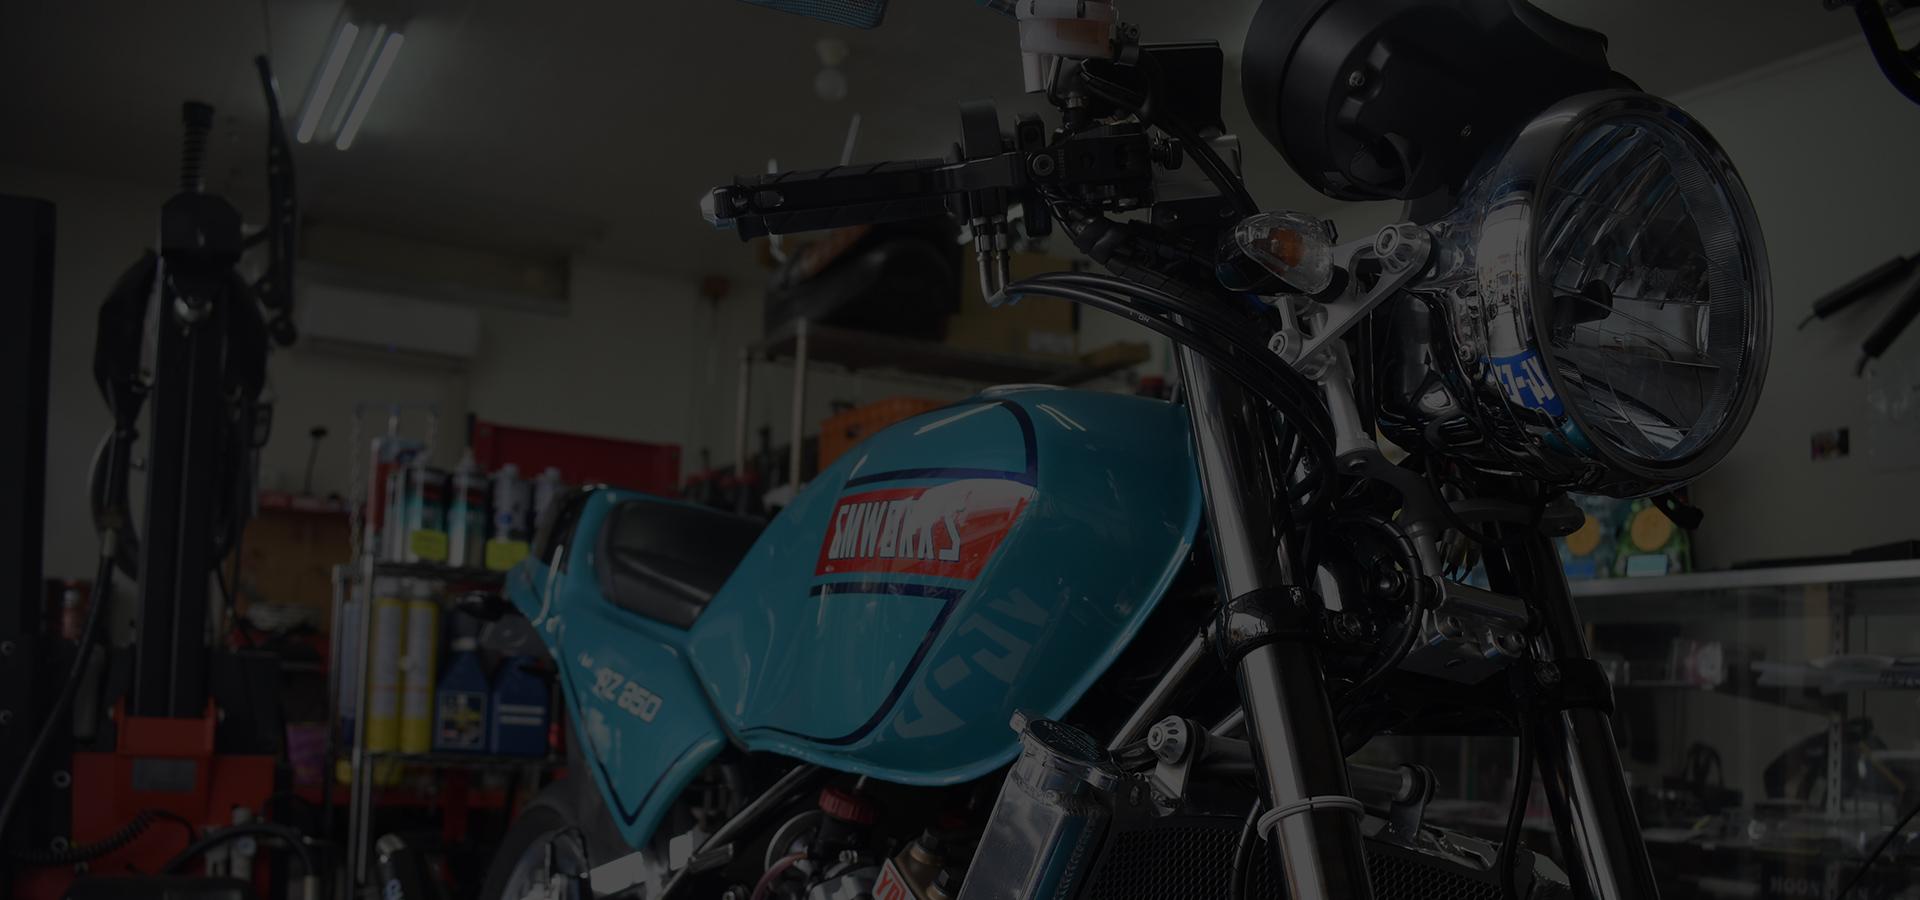 宝島 バイク 沖縄